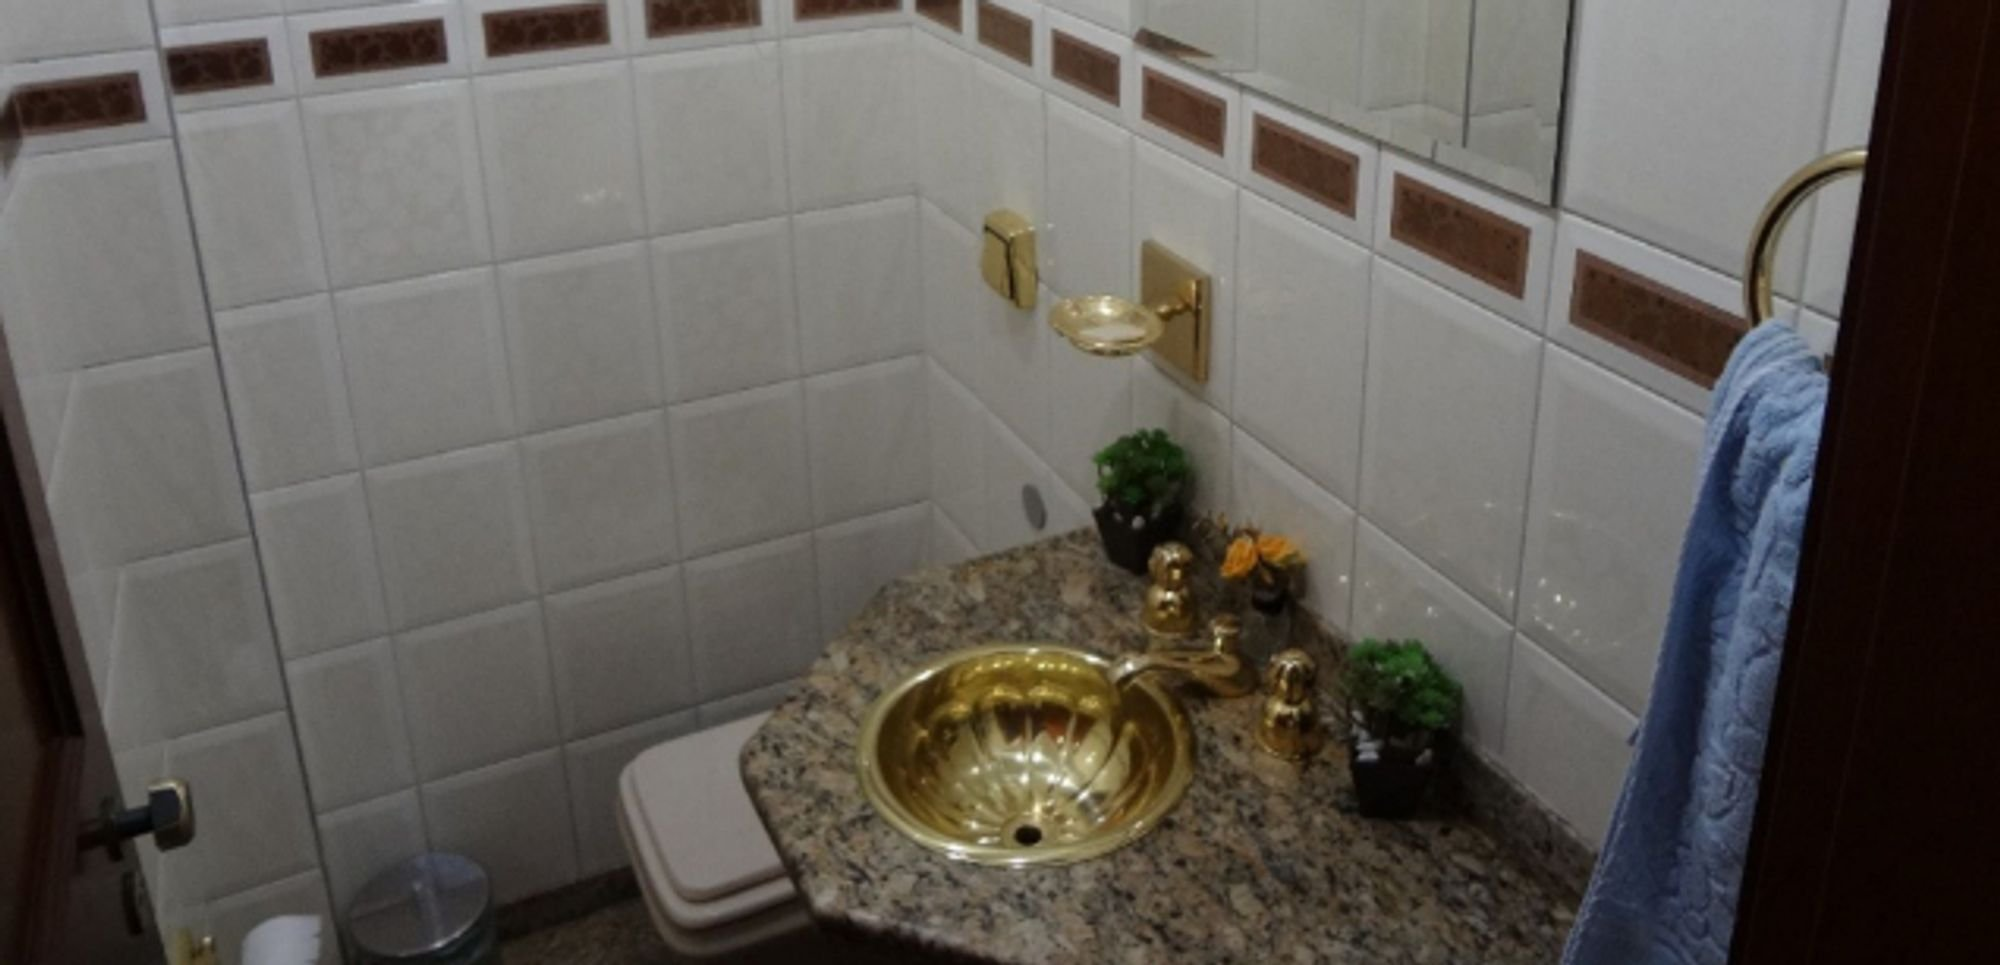 Foto de Banheiro com vaso de planta, tigela